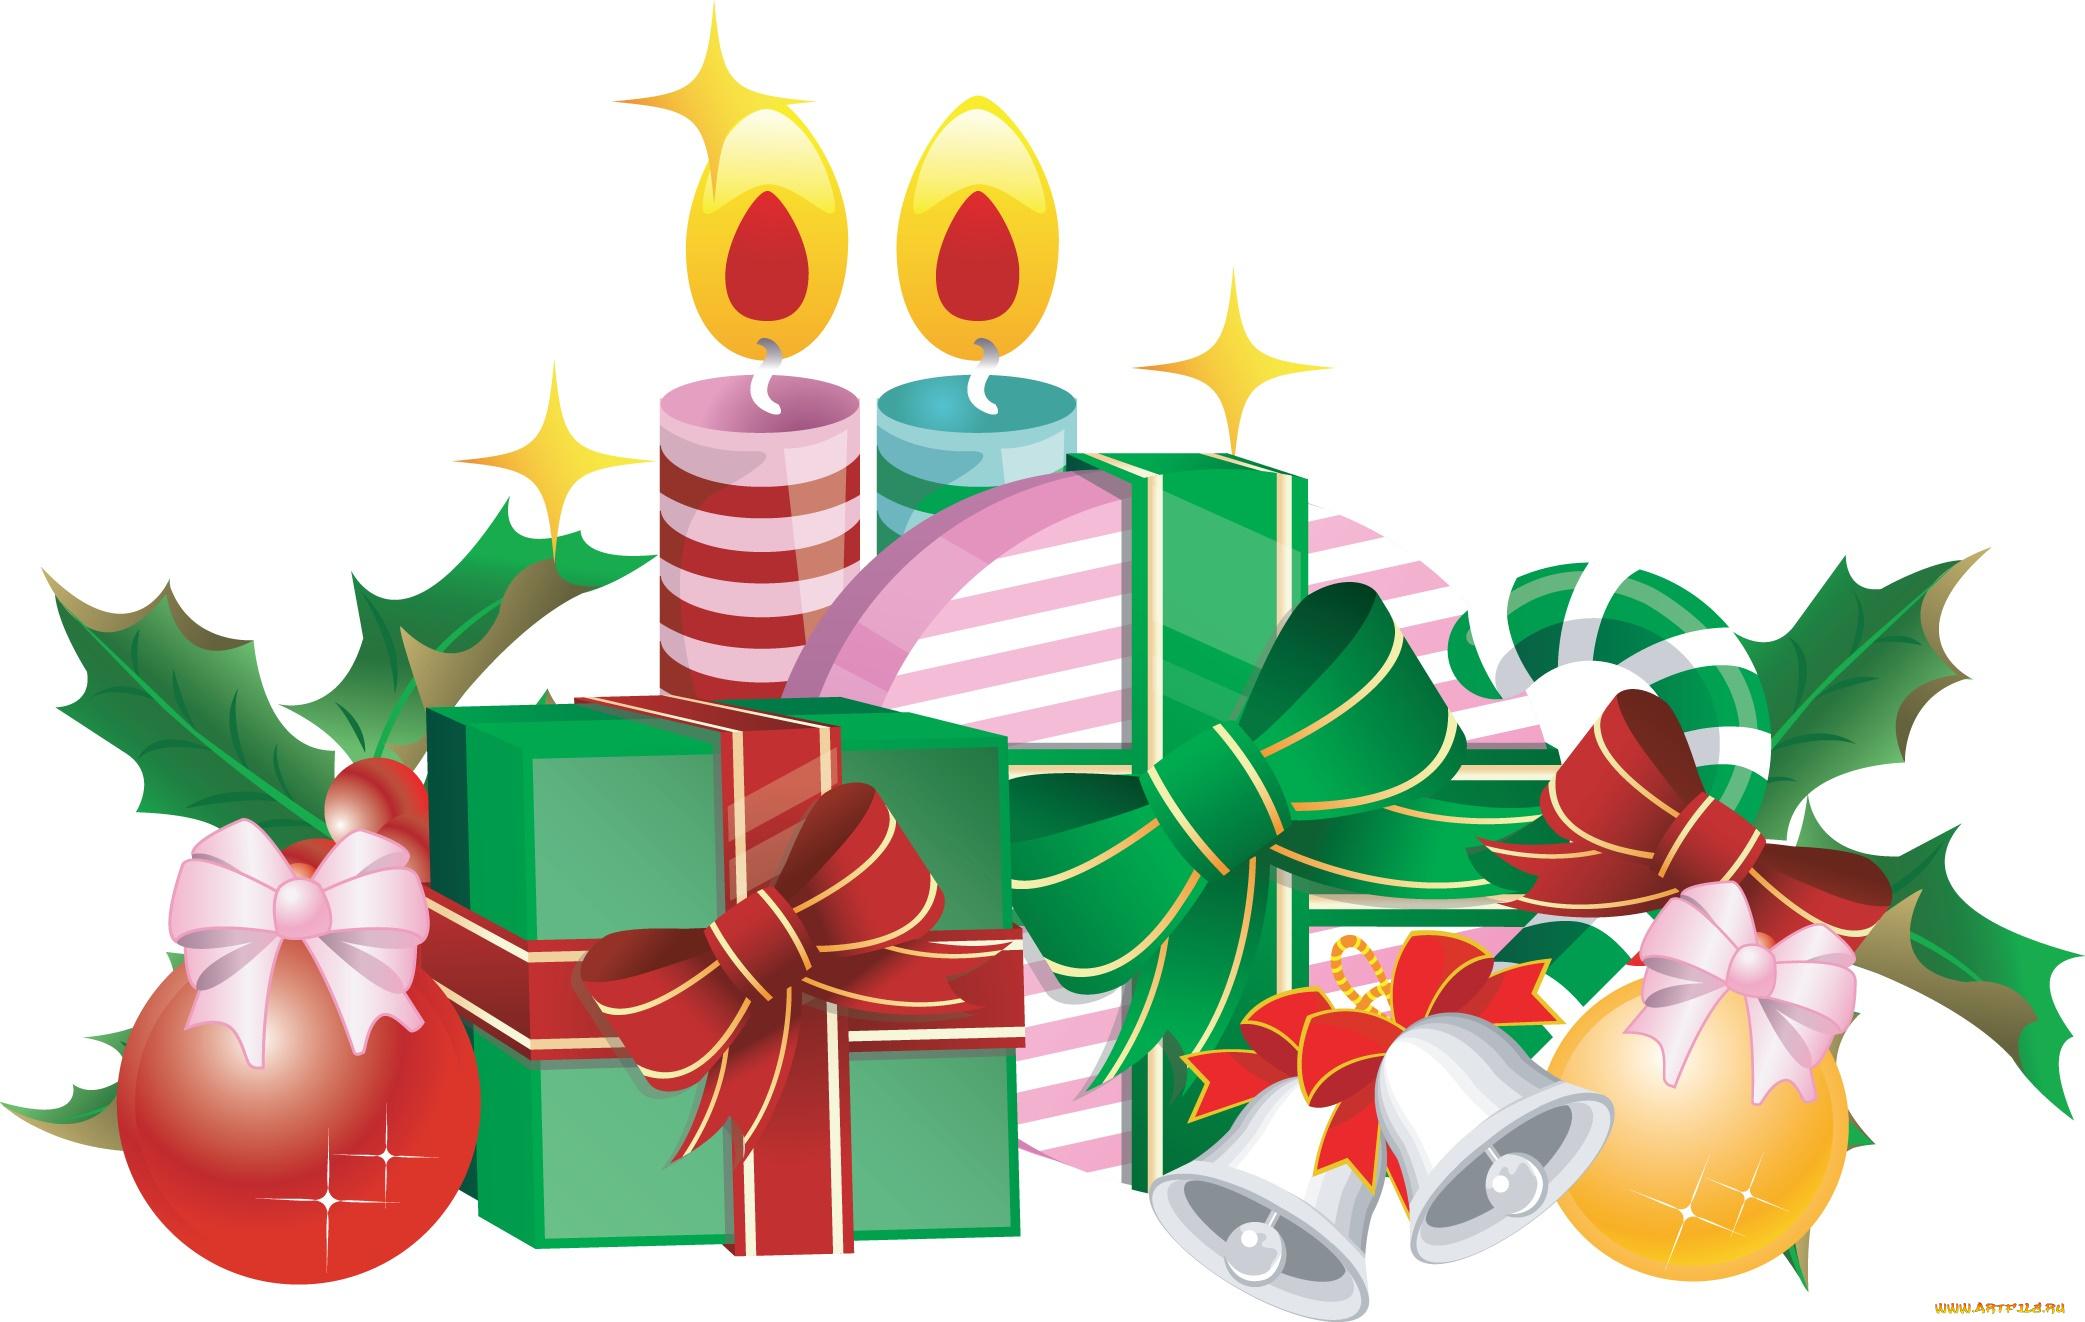 Картинки подарок на новый год для детей, смешные